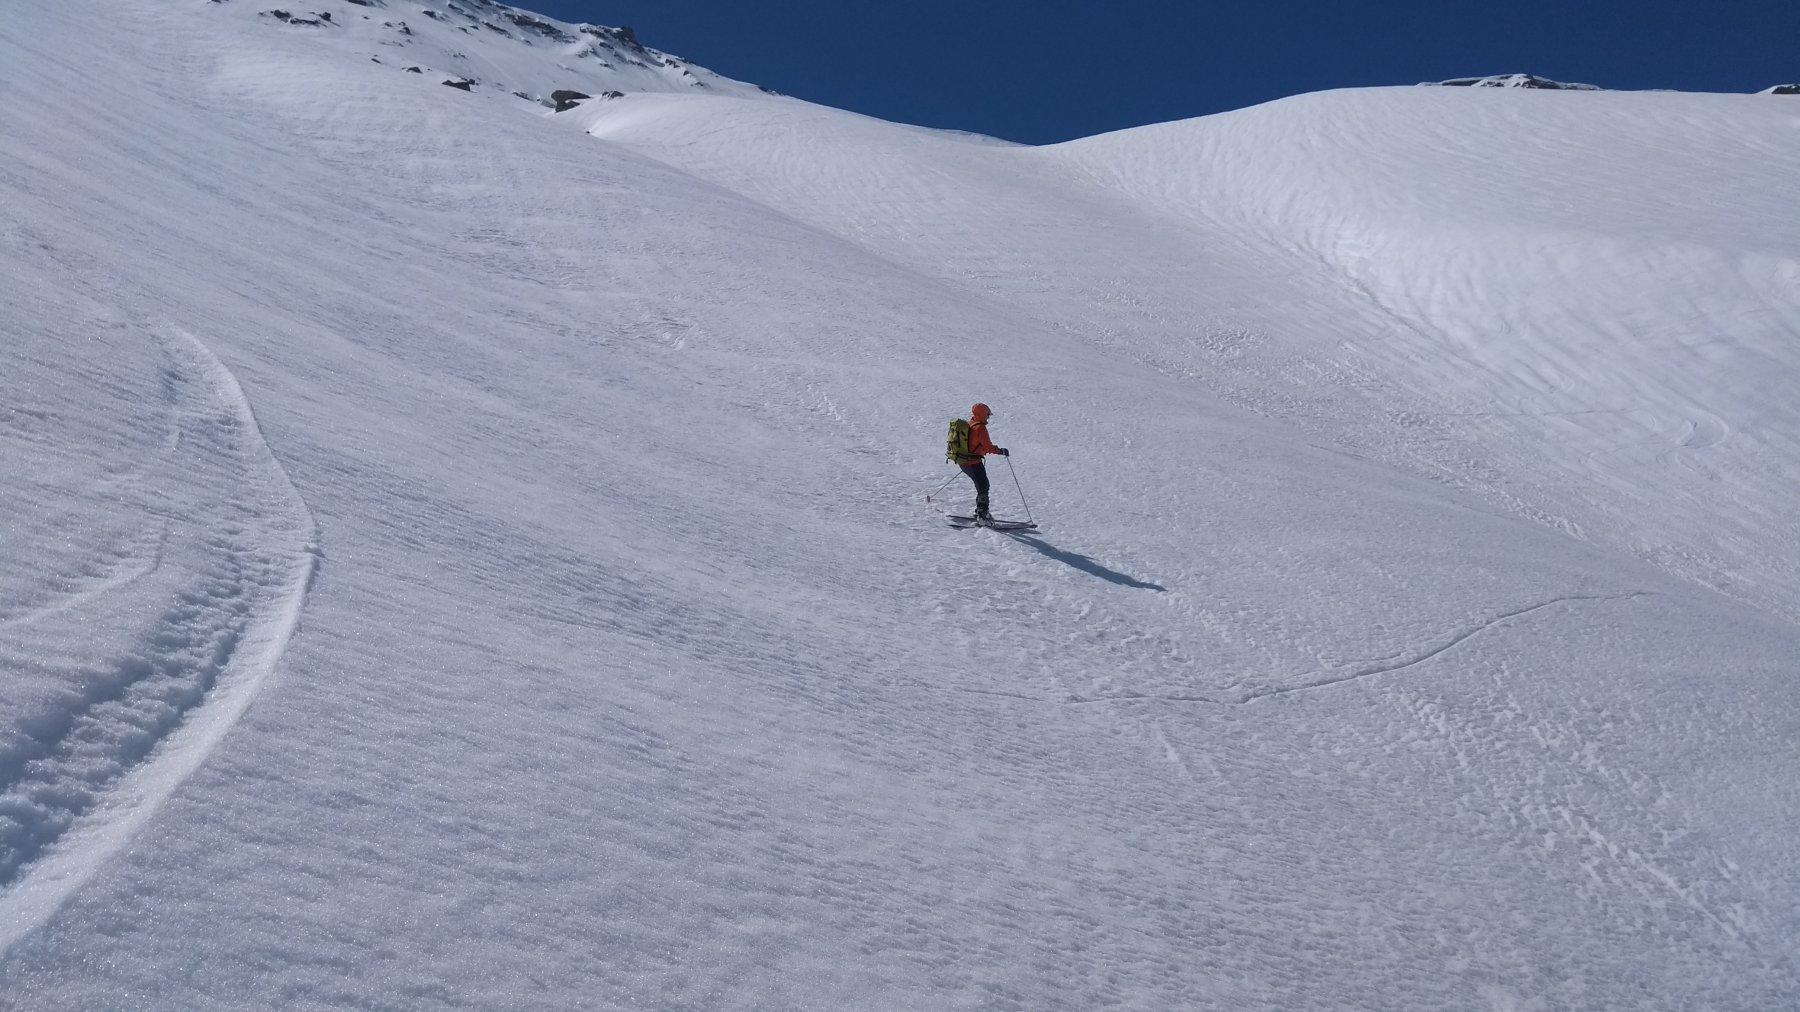 parte alta del vallone: ancora tanta neve